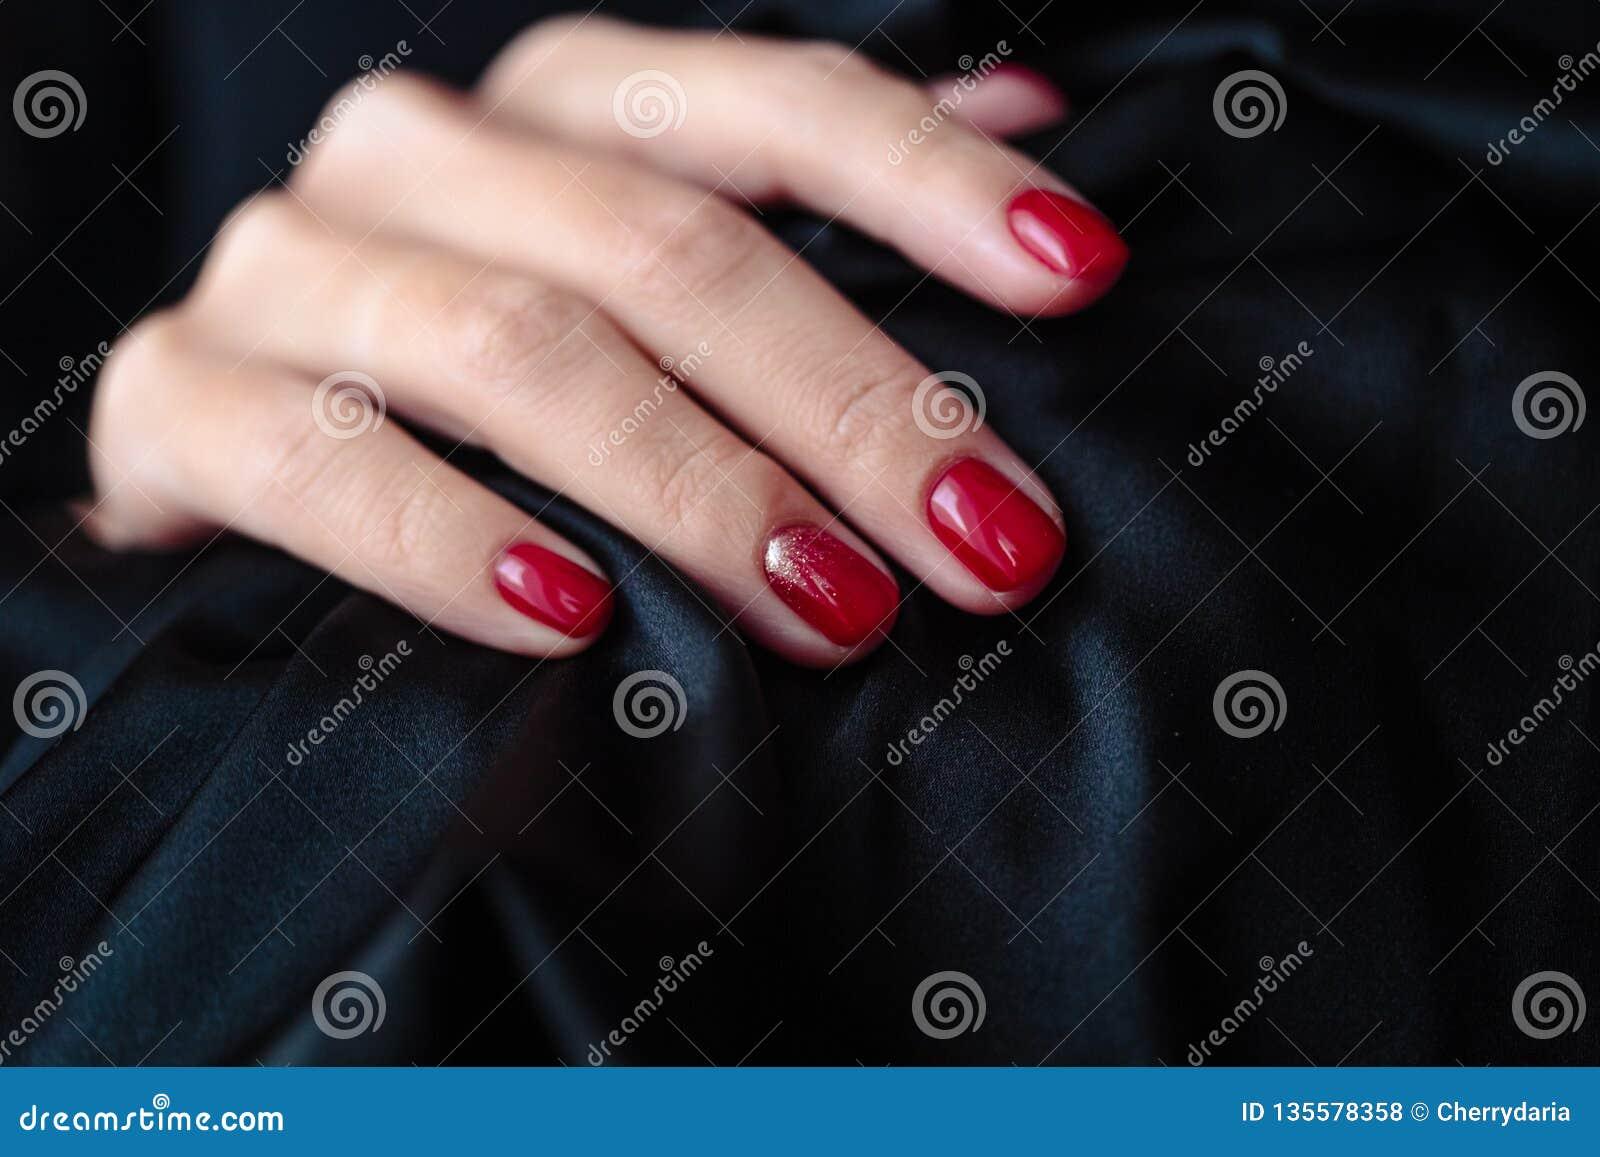 Manicura Magnífica Esmalte De Uñas Clssic Del Color Rojo